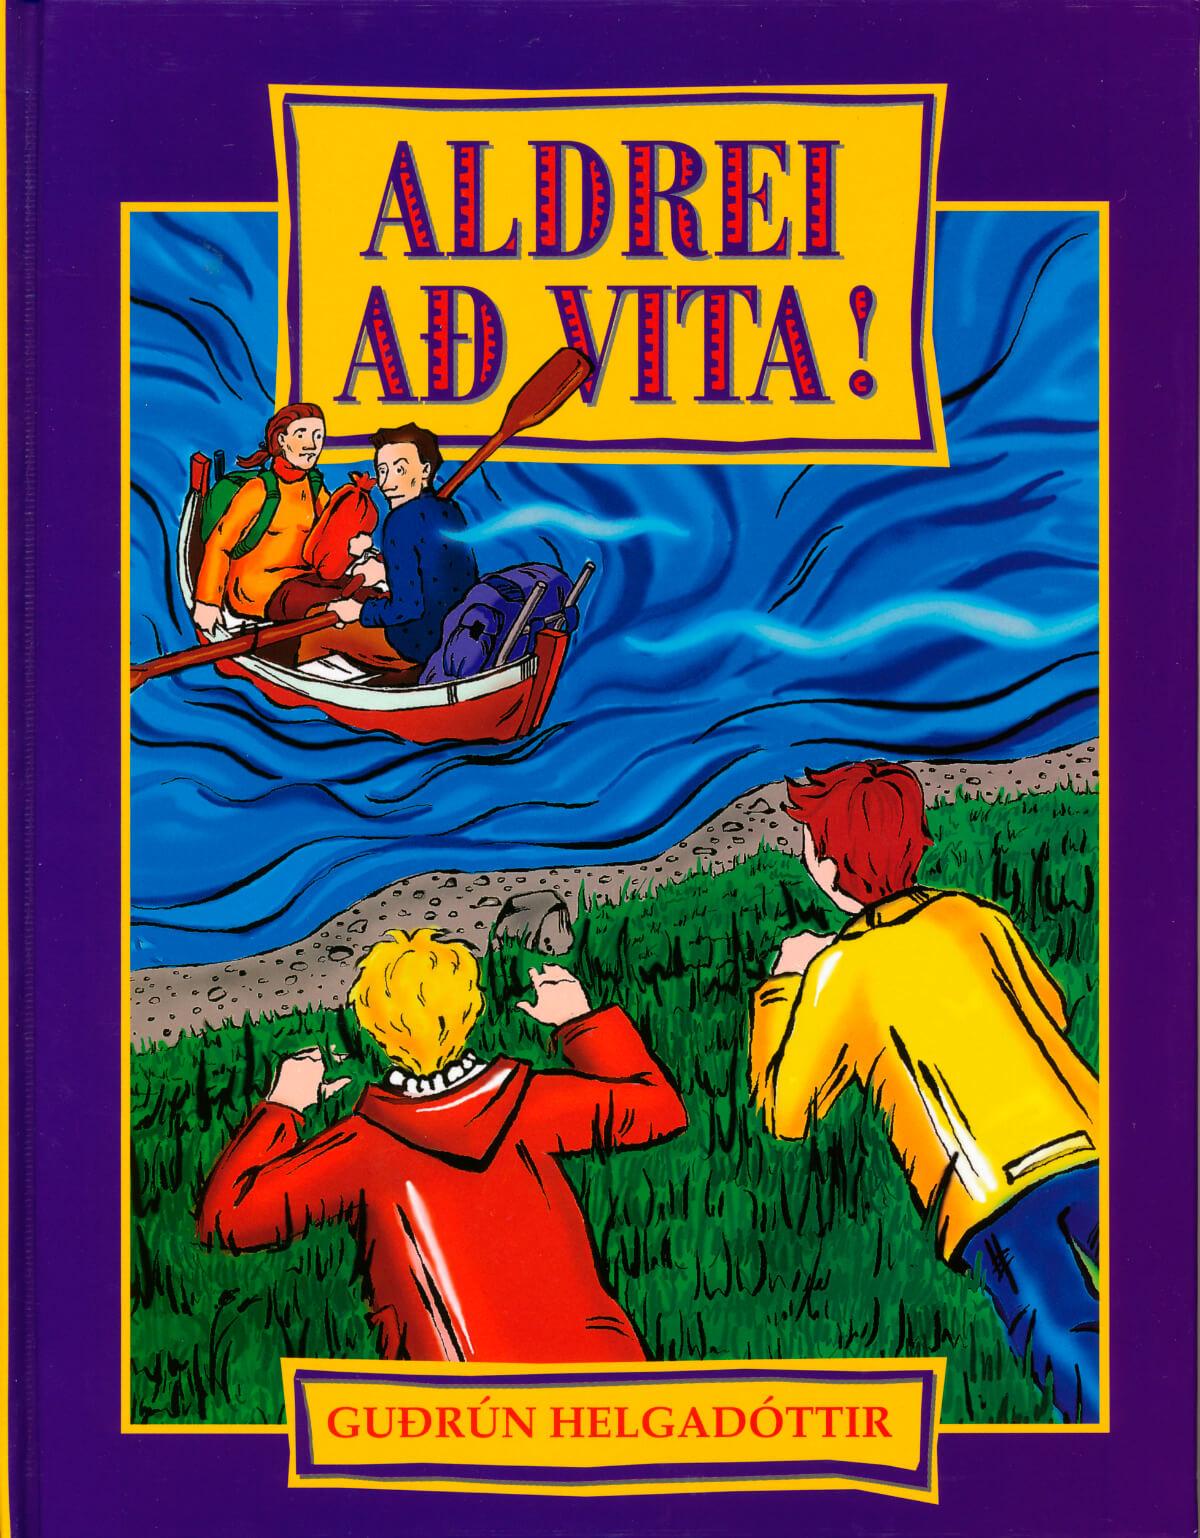 Aldrei að vita!